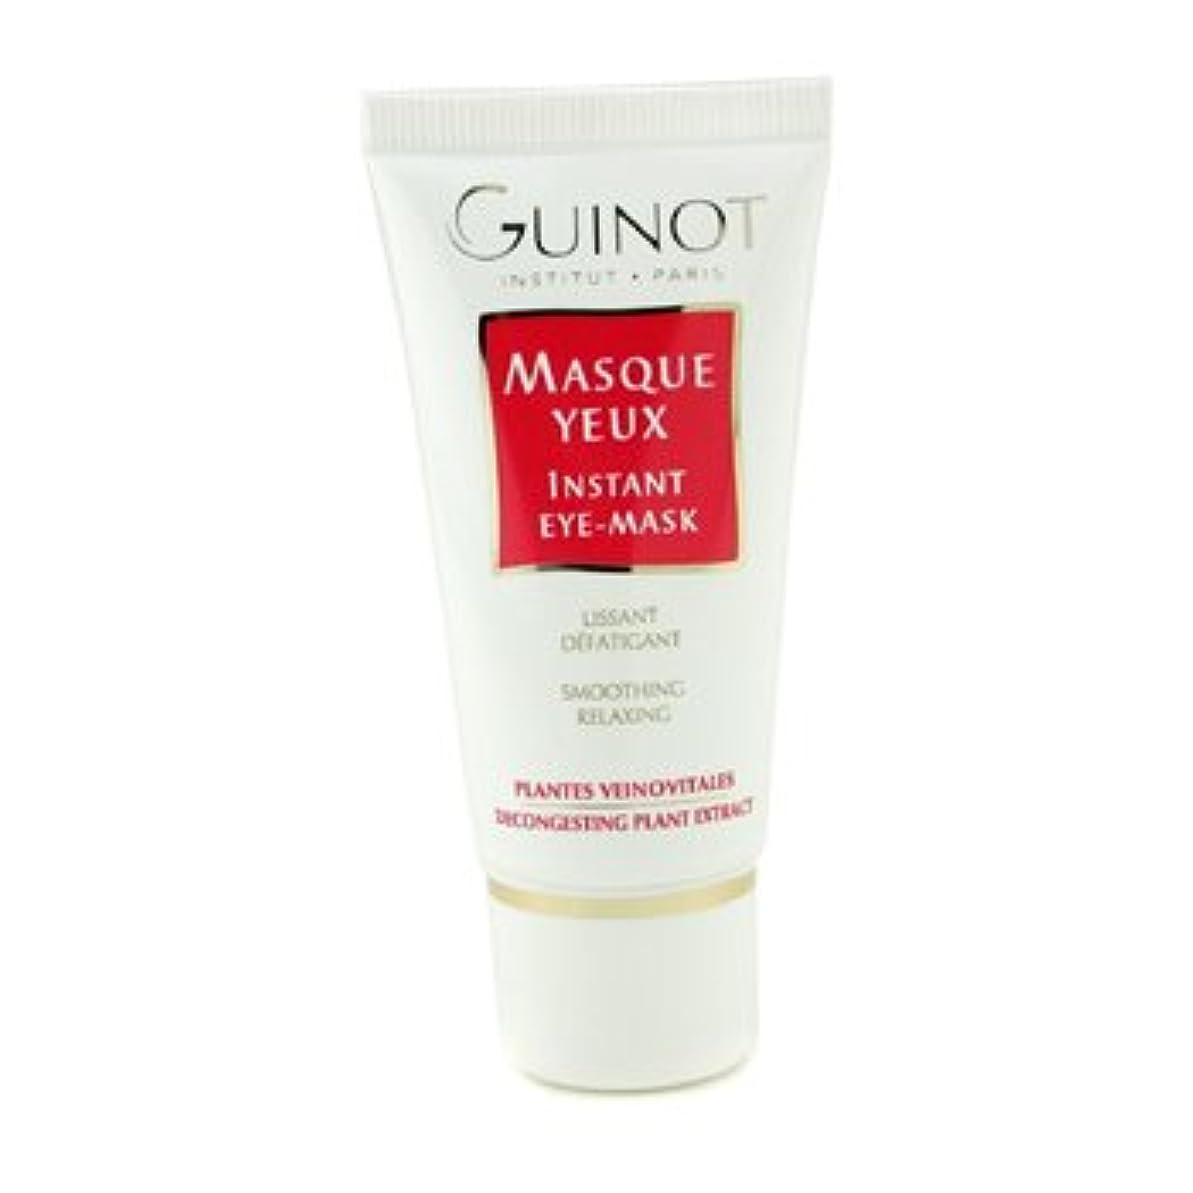 顔料不一致問い合わせるギノー マスクユー 30ml 30ml/1.06oz